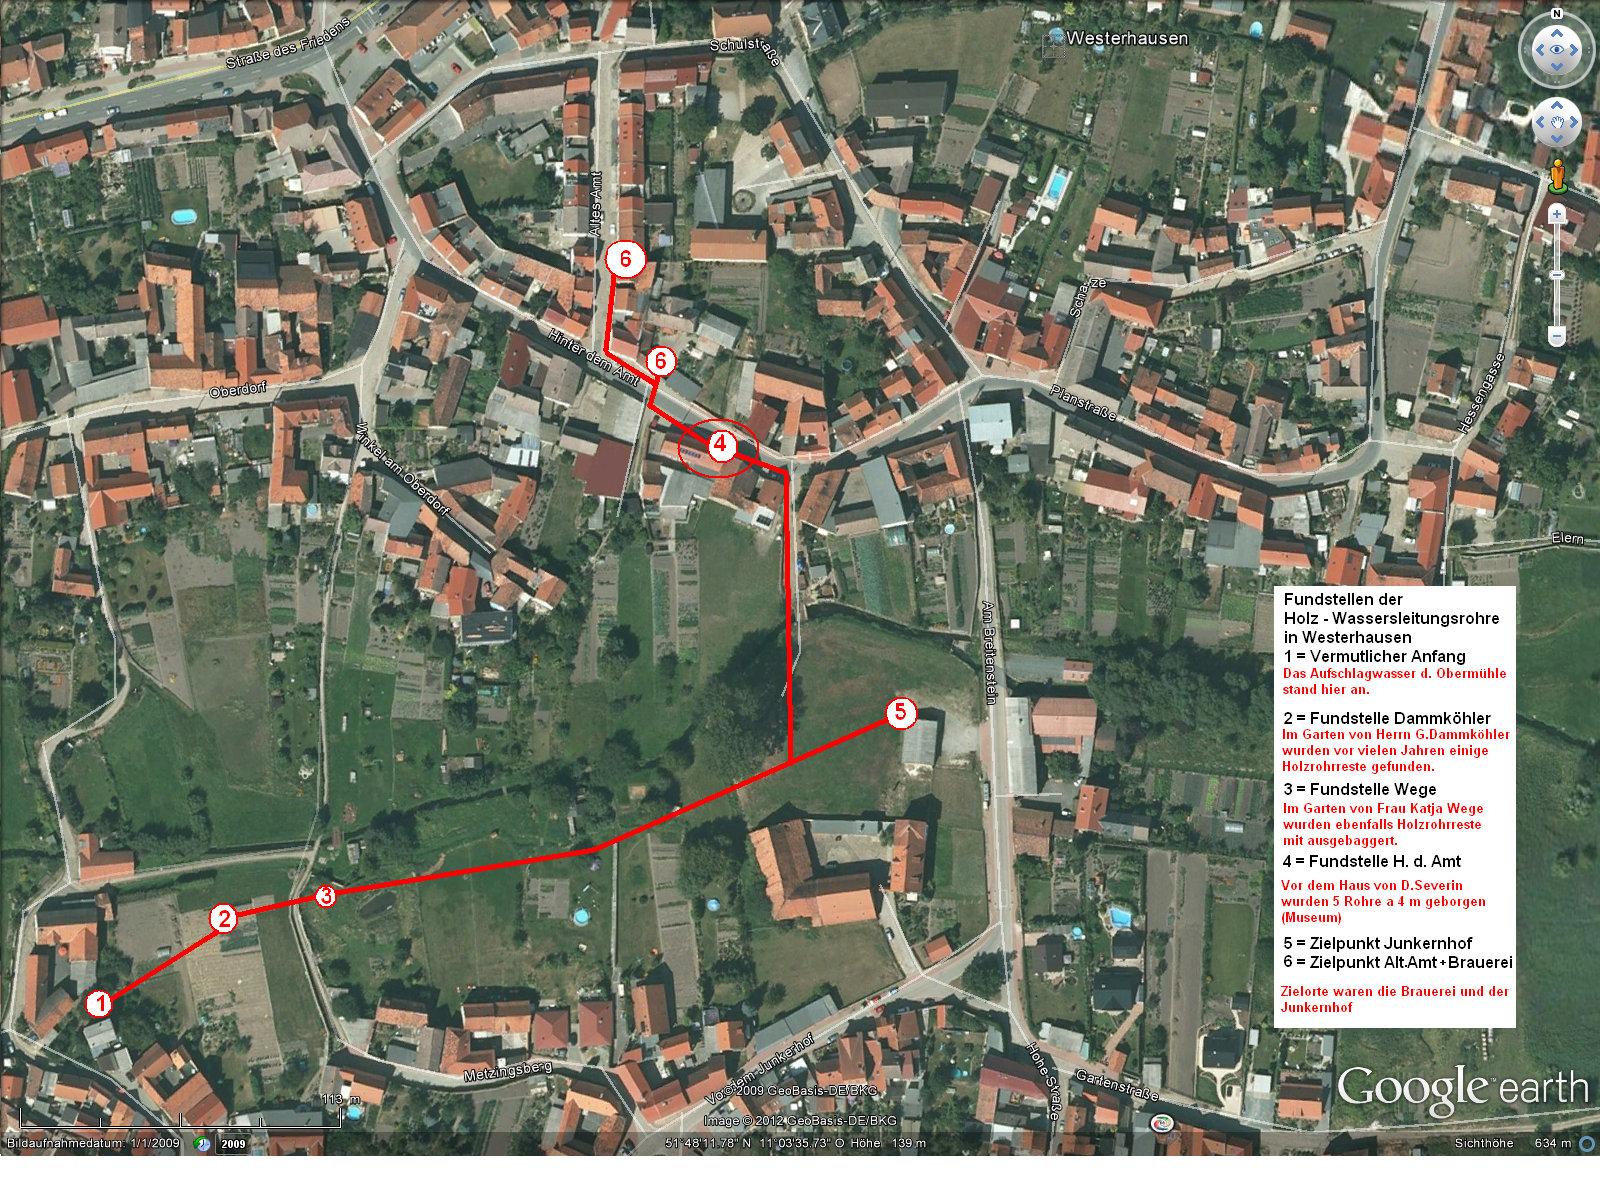 Der vermutete Lauf der Wasserleitung und die Orte der Fundstücke